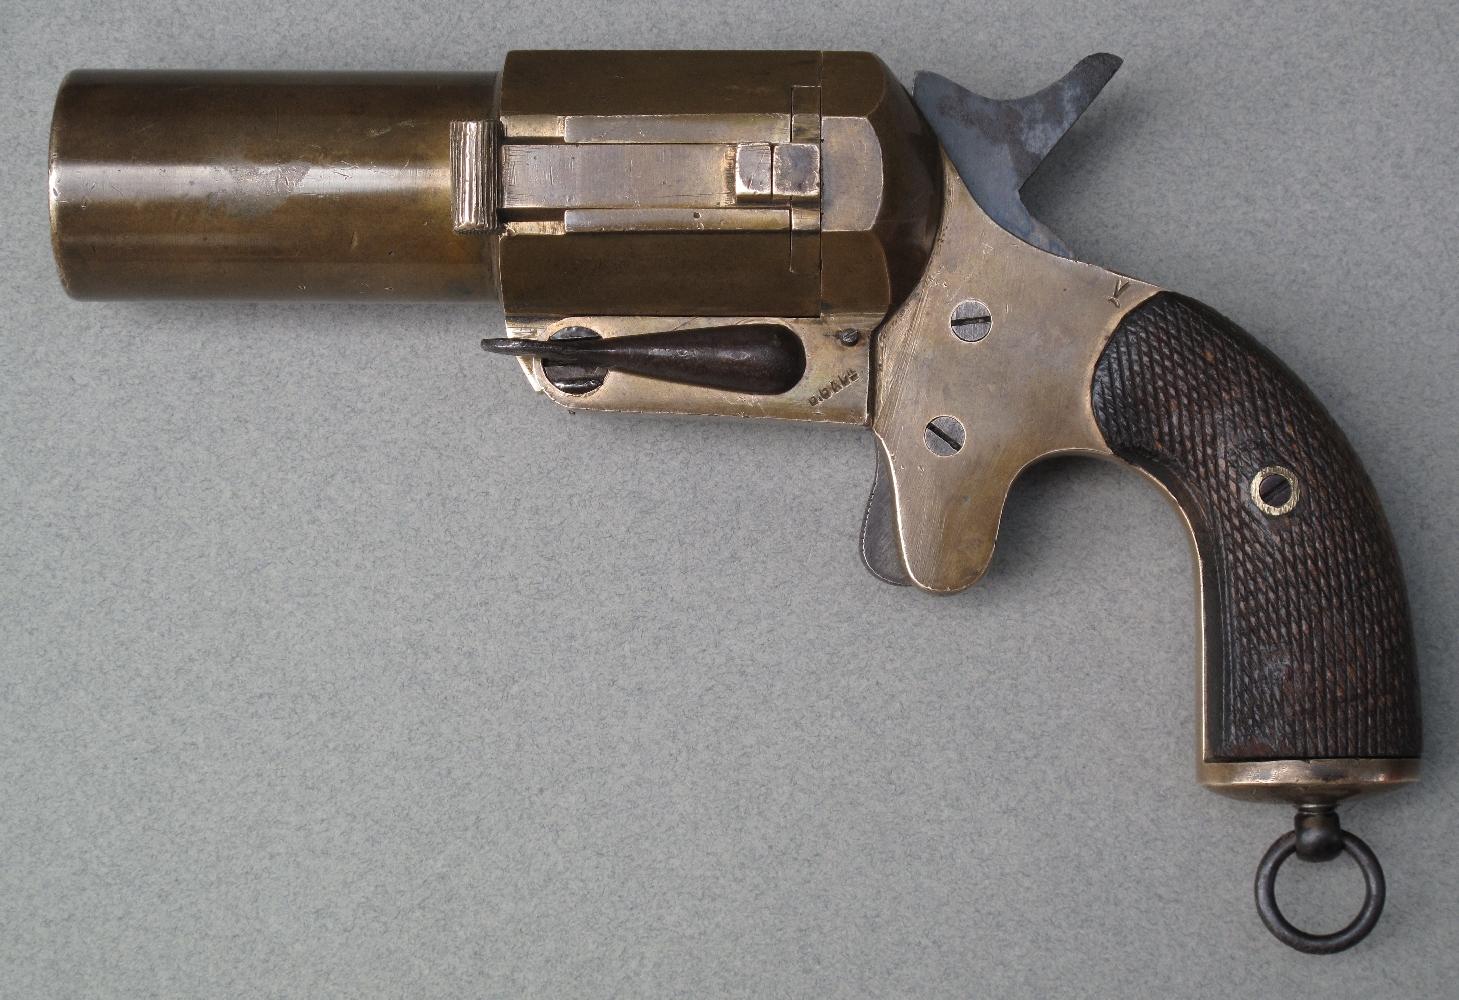 Une version en calibre 35 mm sera développée en 1916 pour un usage spécifique dans l'aviation. Ce pistolet se distingue par la présence d'un extracteur manuel coulissant sur le côté gauche du canon.